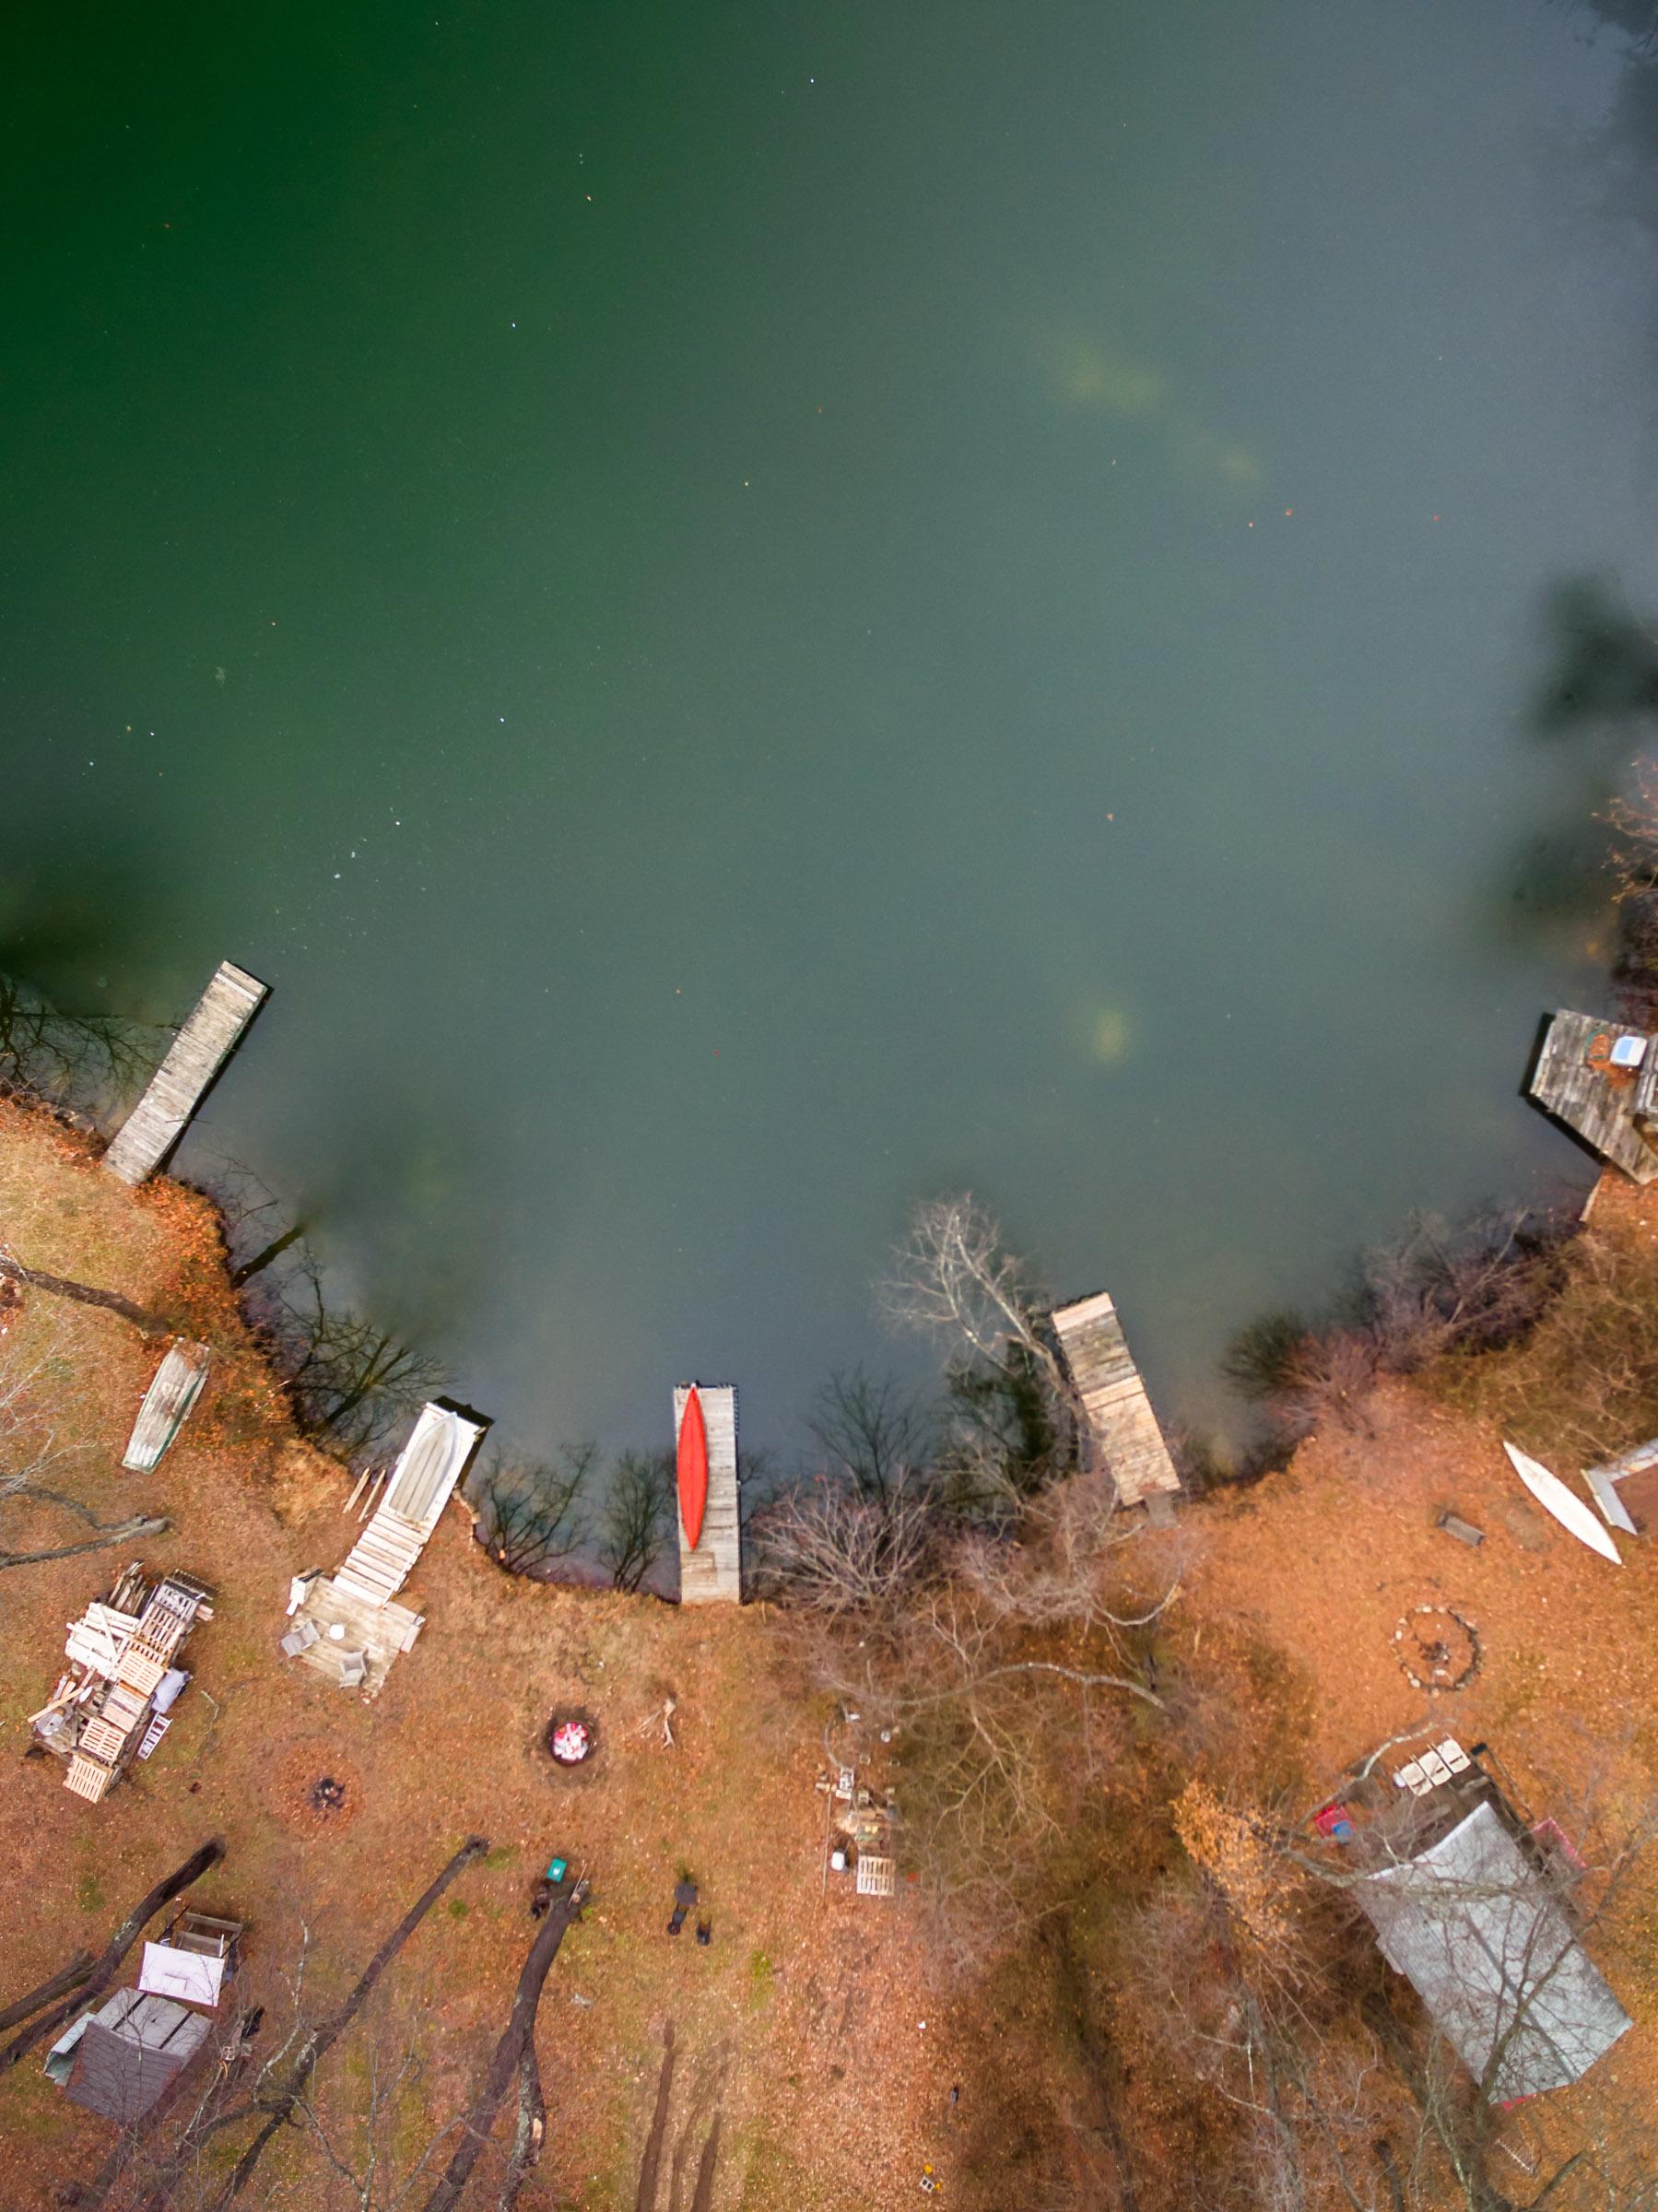 Lake_Docks_Ty_Poland_Aerial.jpg